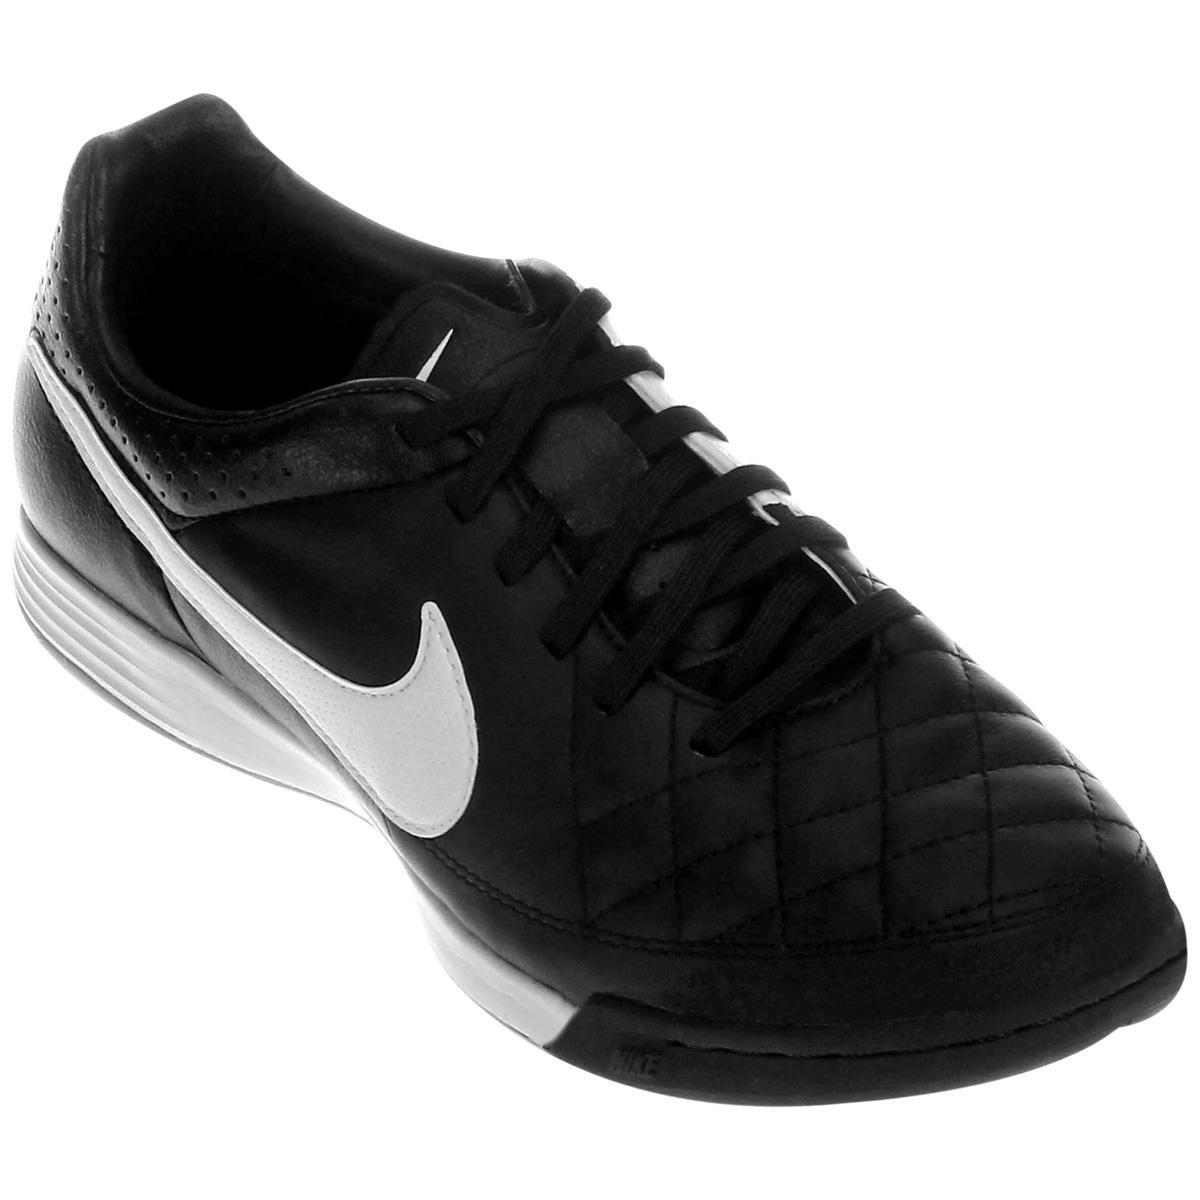 d22633ba5456a Chuteira Nike Tiempo Legacy IC - Compre Agora